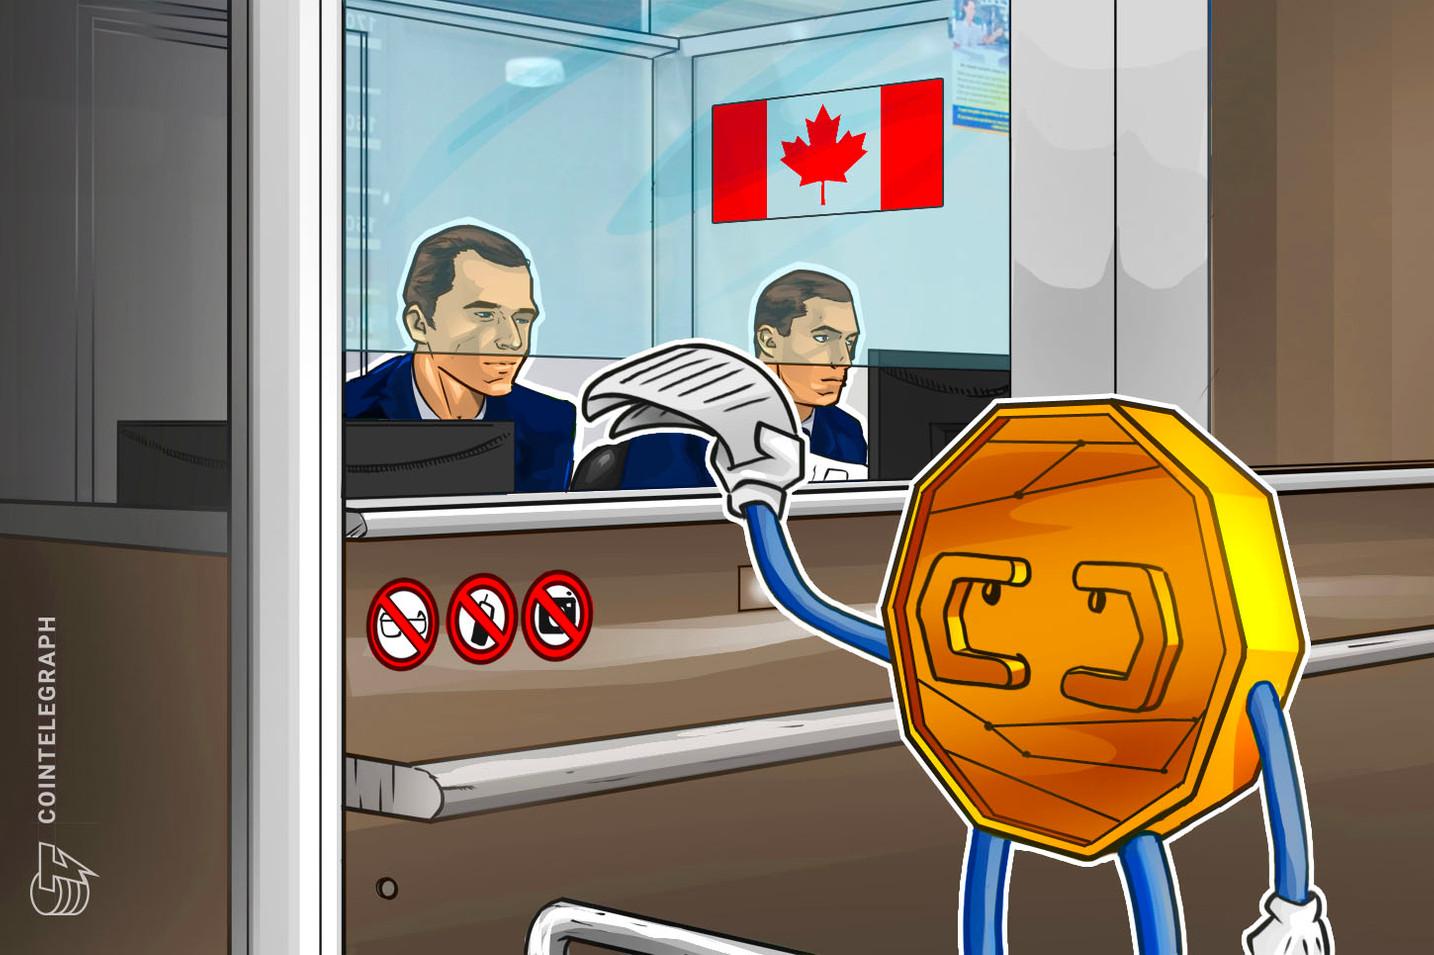 Canadá: exchanges de criptomoedas devem se registrar com o Financial Watchdog em junho